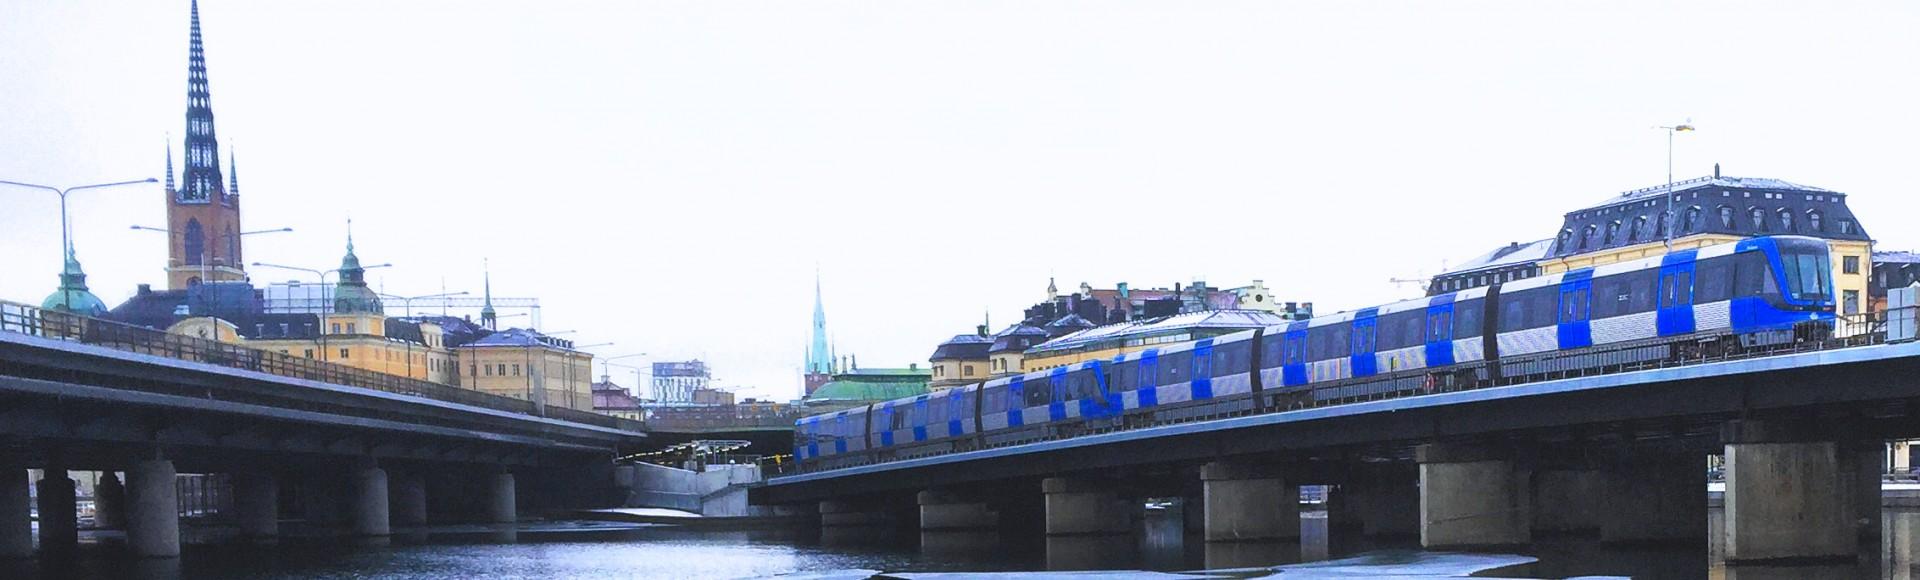 Jouw gids voor het openbaar vervoer in Stockholm